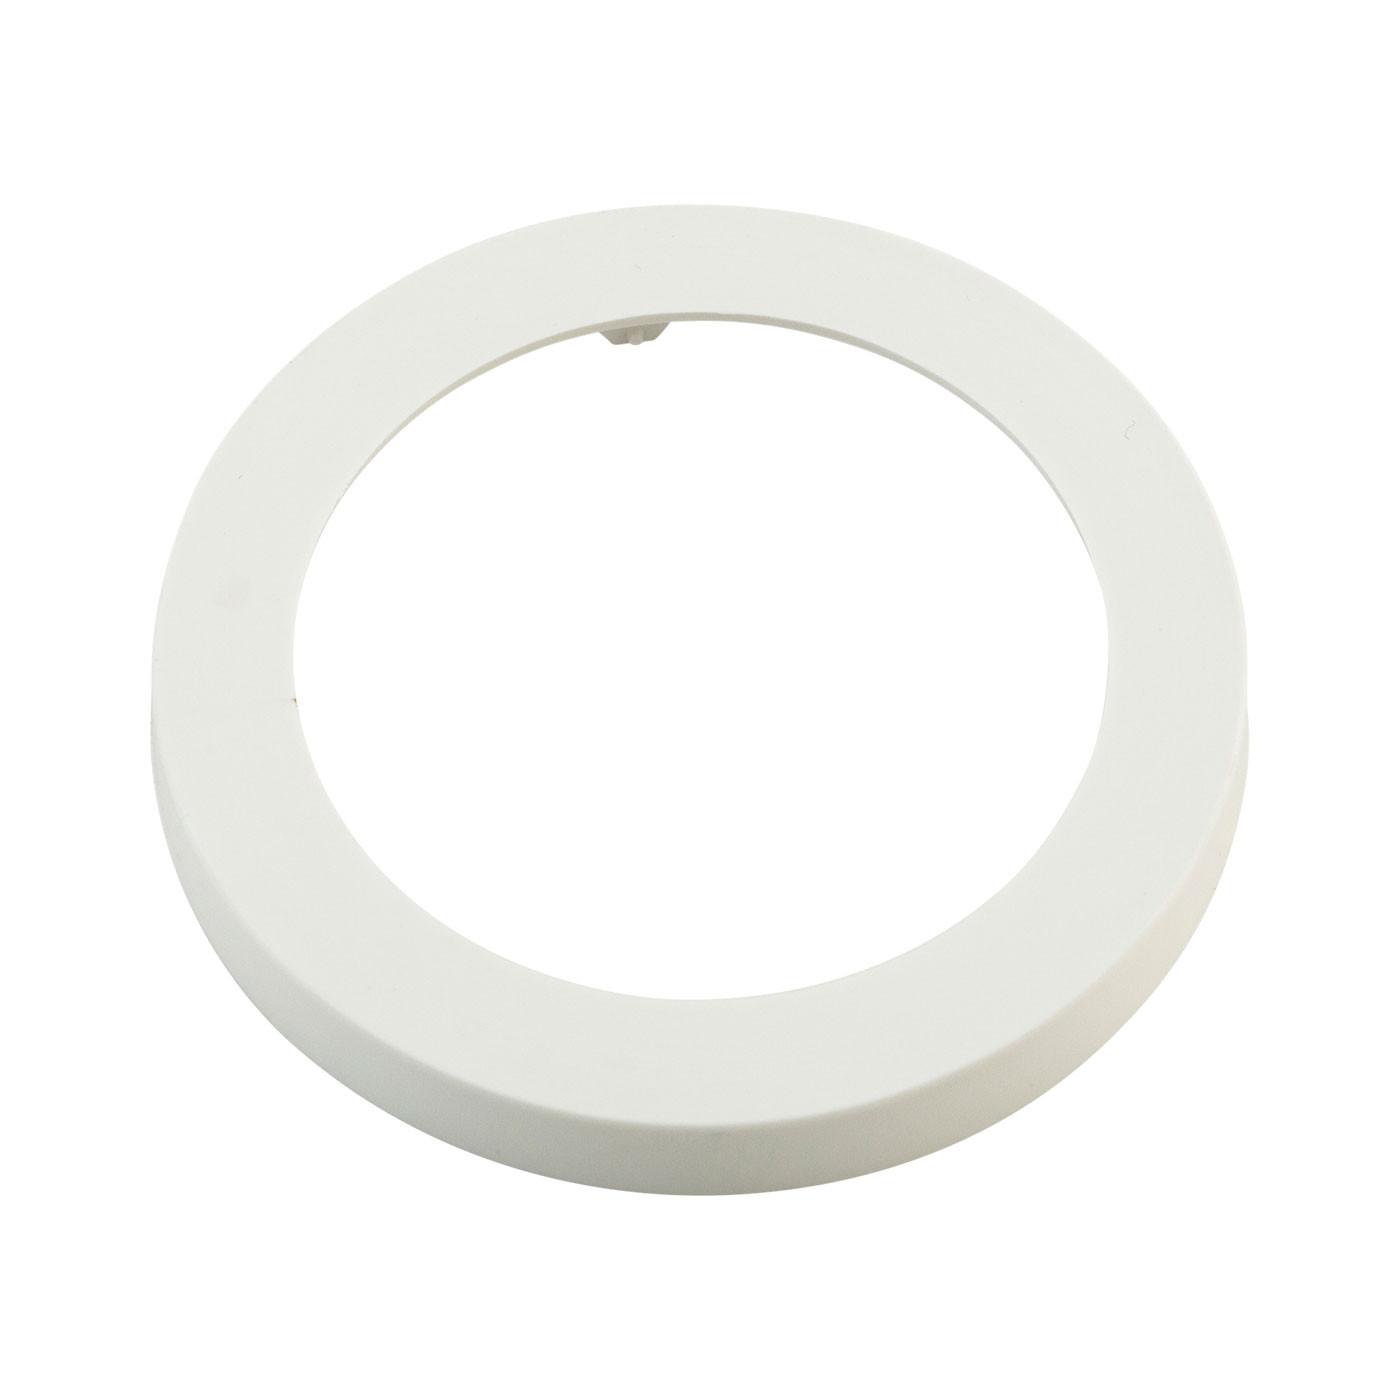 Milan anneau adapteur GU10 LED